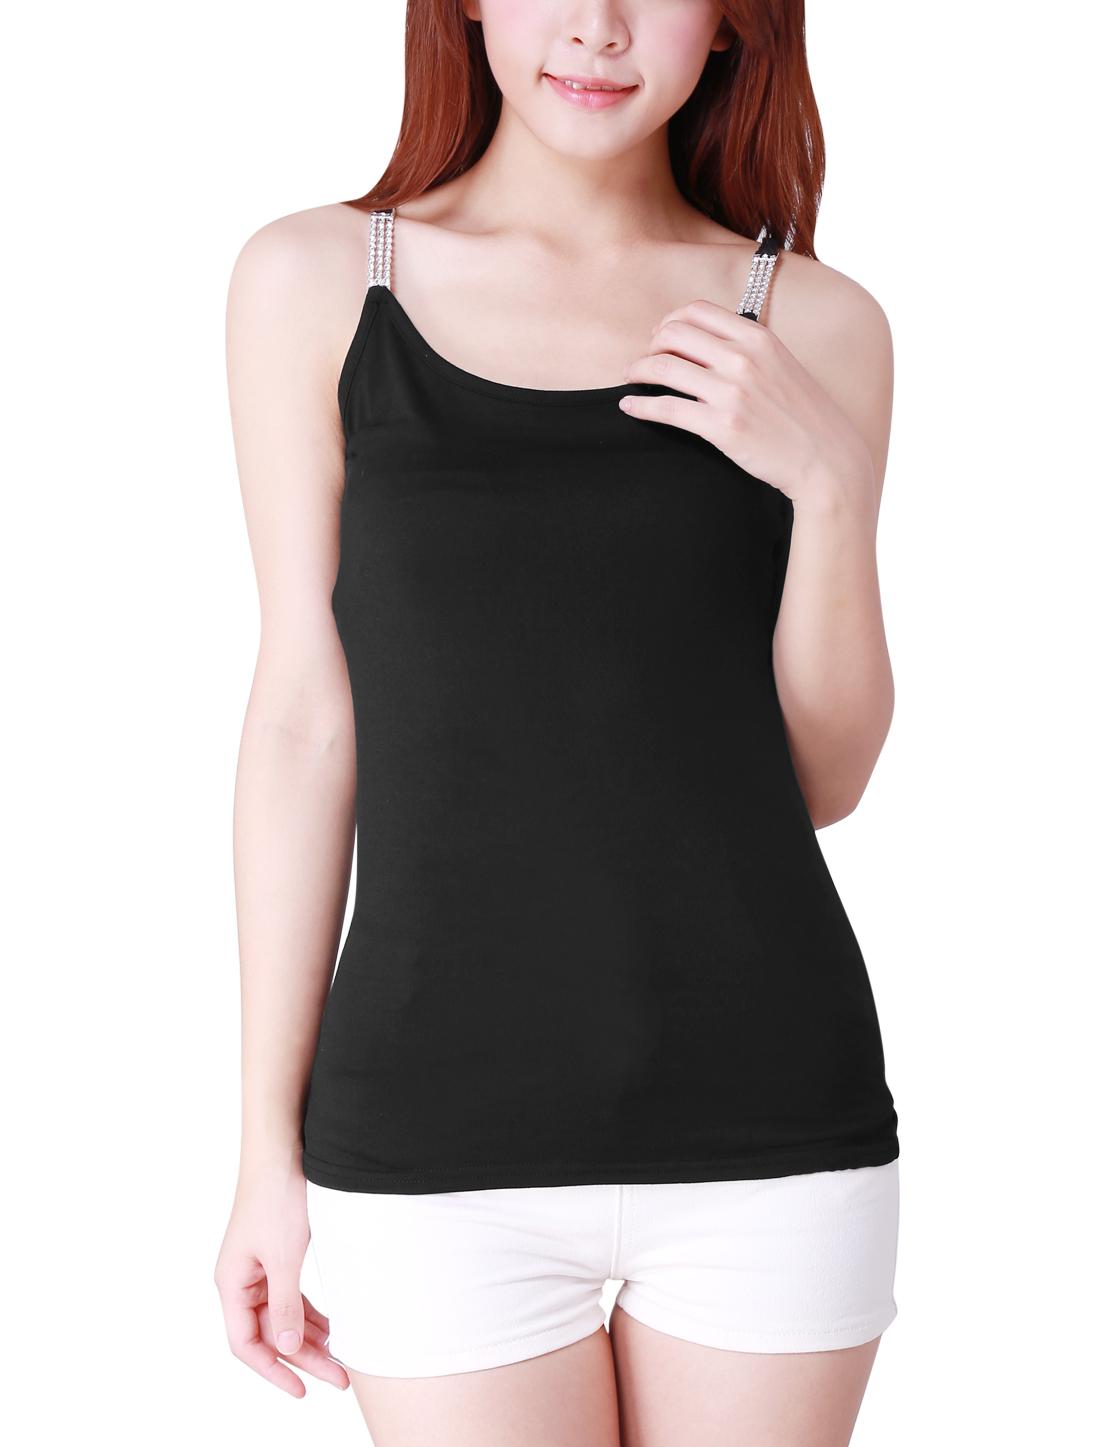 Women Chic Spaghetti Straps Design Slim Fit Pure Black Tank Top XL